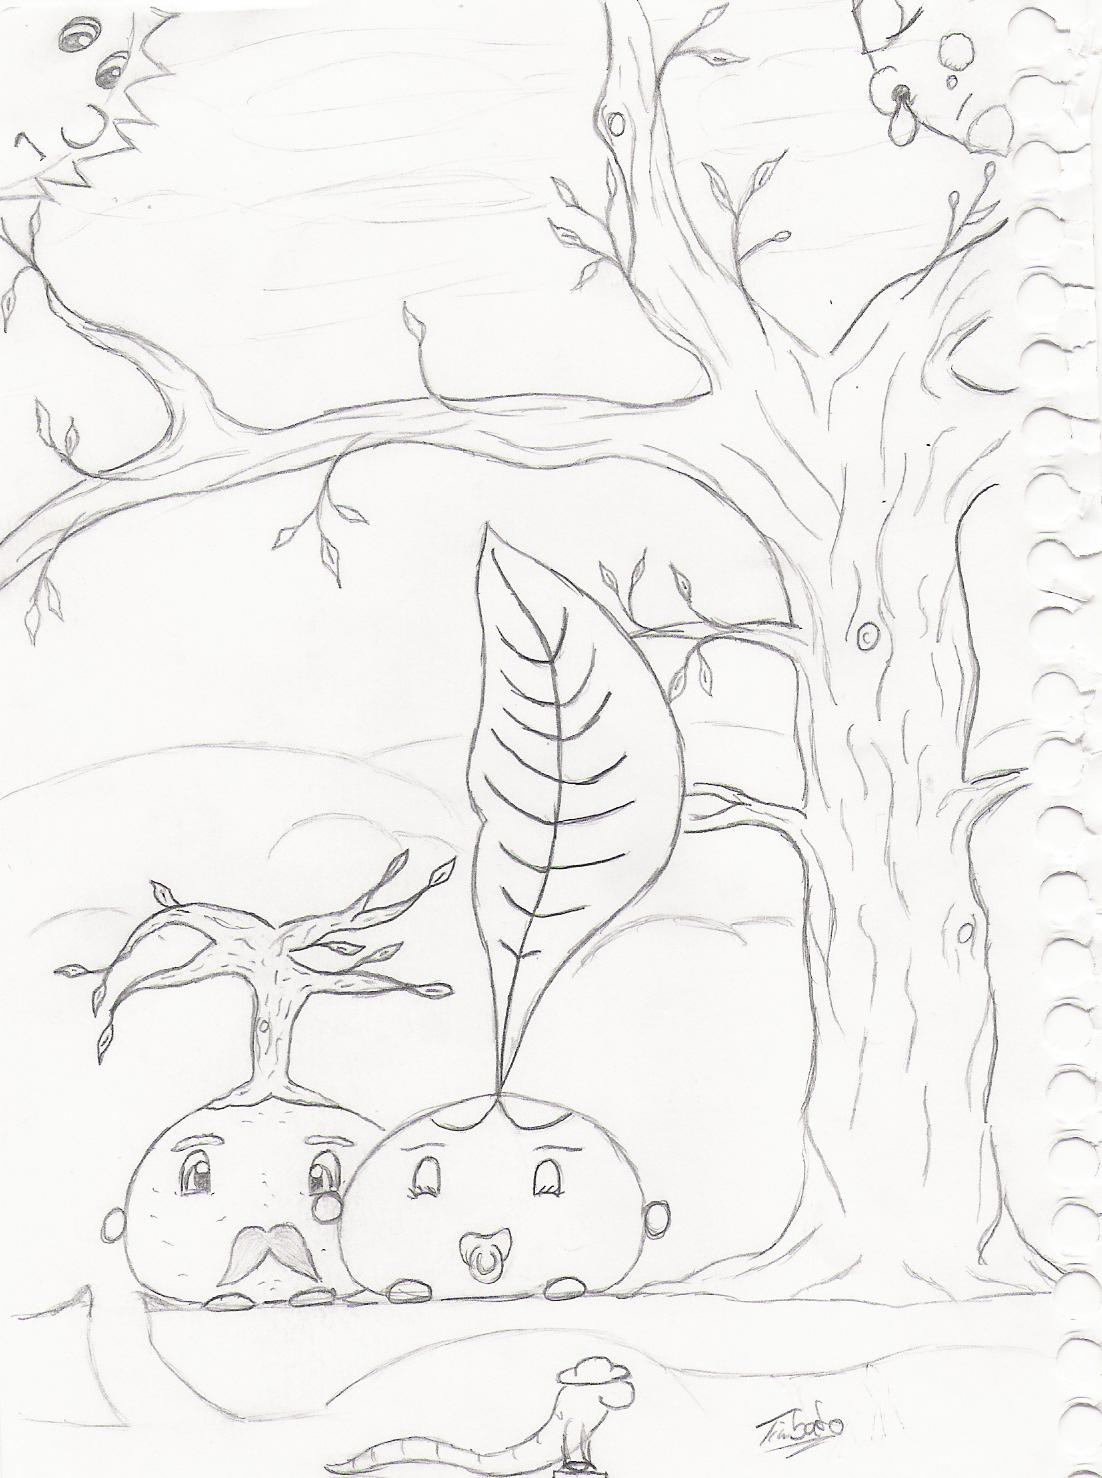 Pokémon-Zeichnung: Old & young / Winter & spring